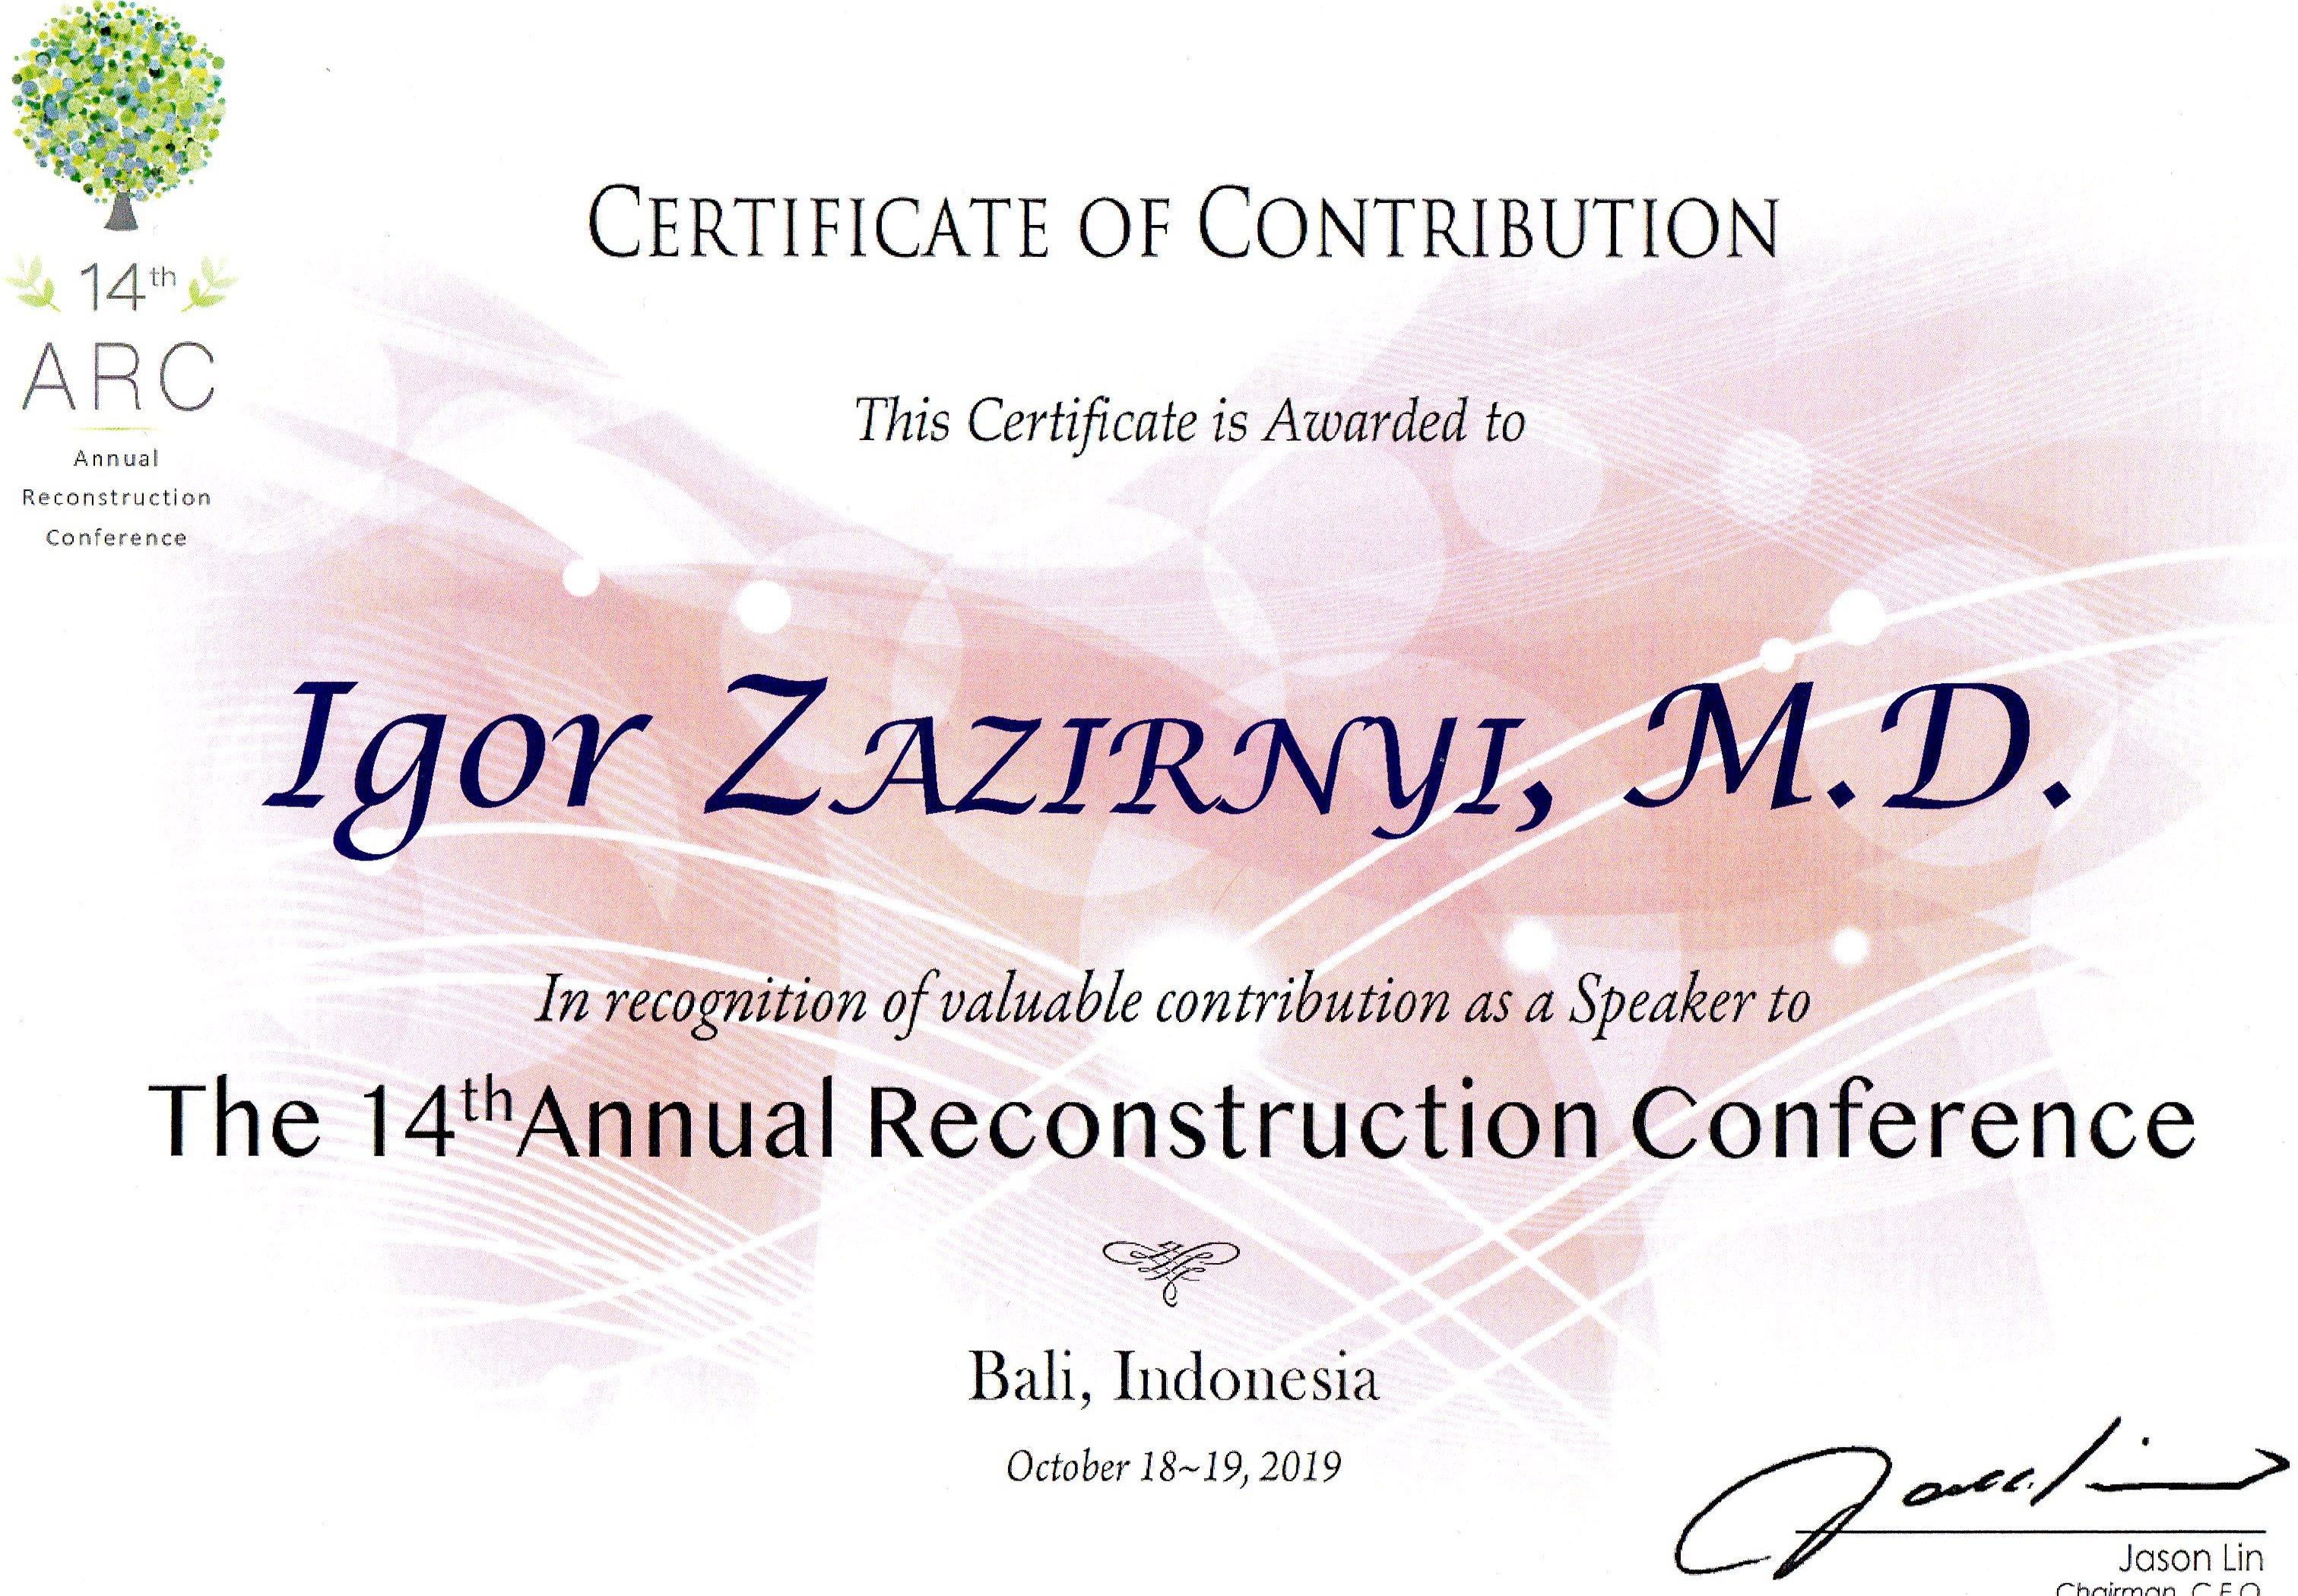 Диплом участника и лектора на 14 конгрессе по эндопротезированию, Бали, октябрь 2019